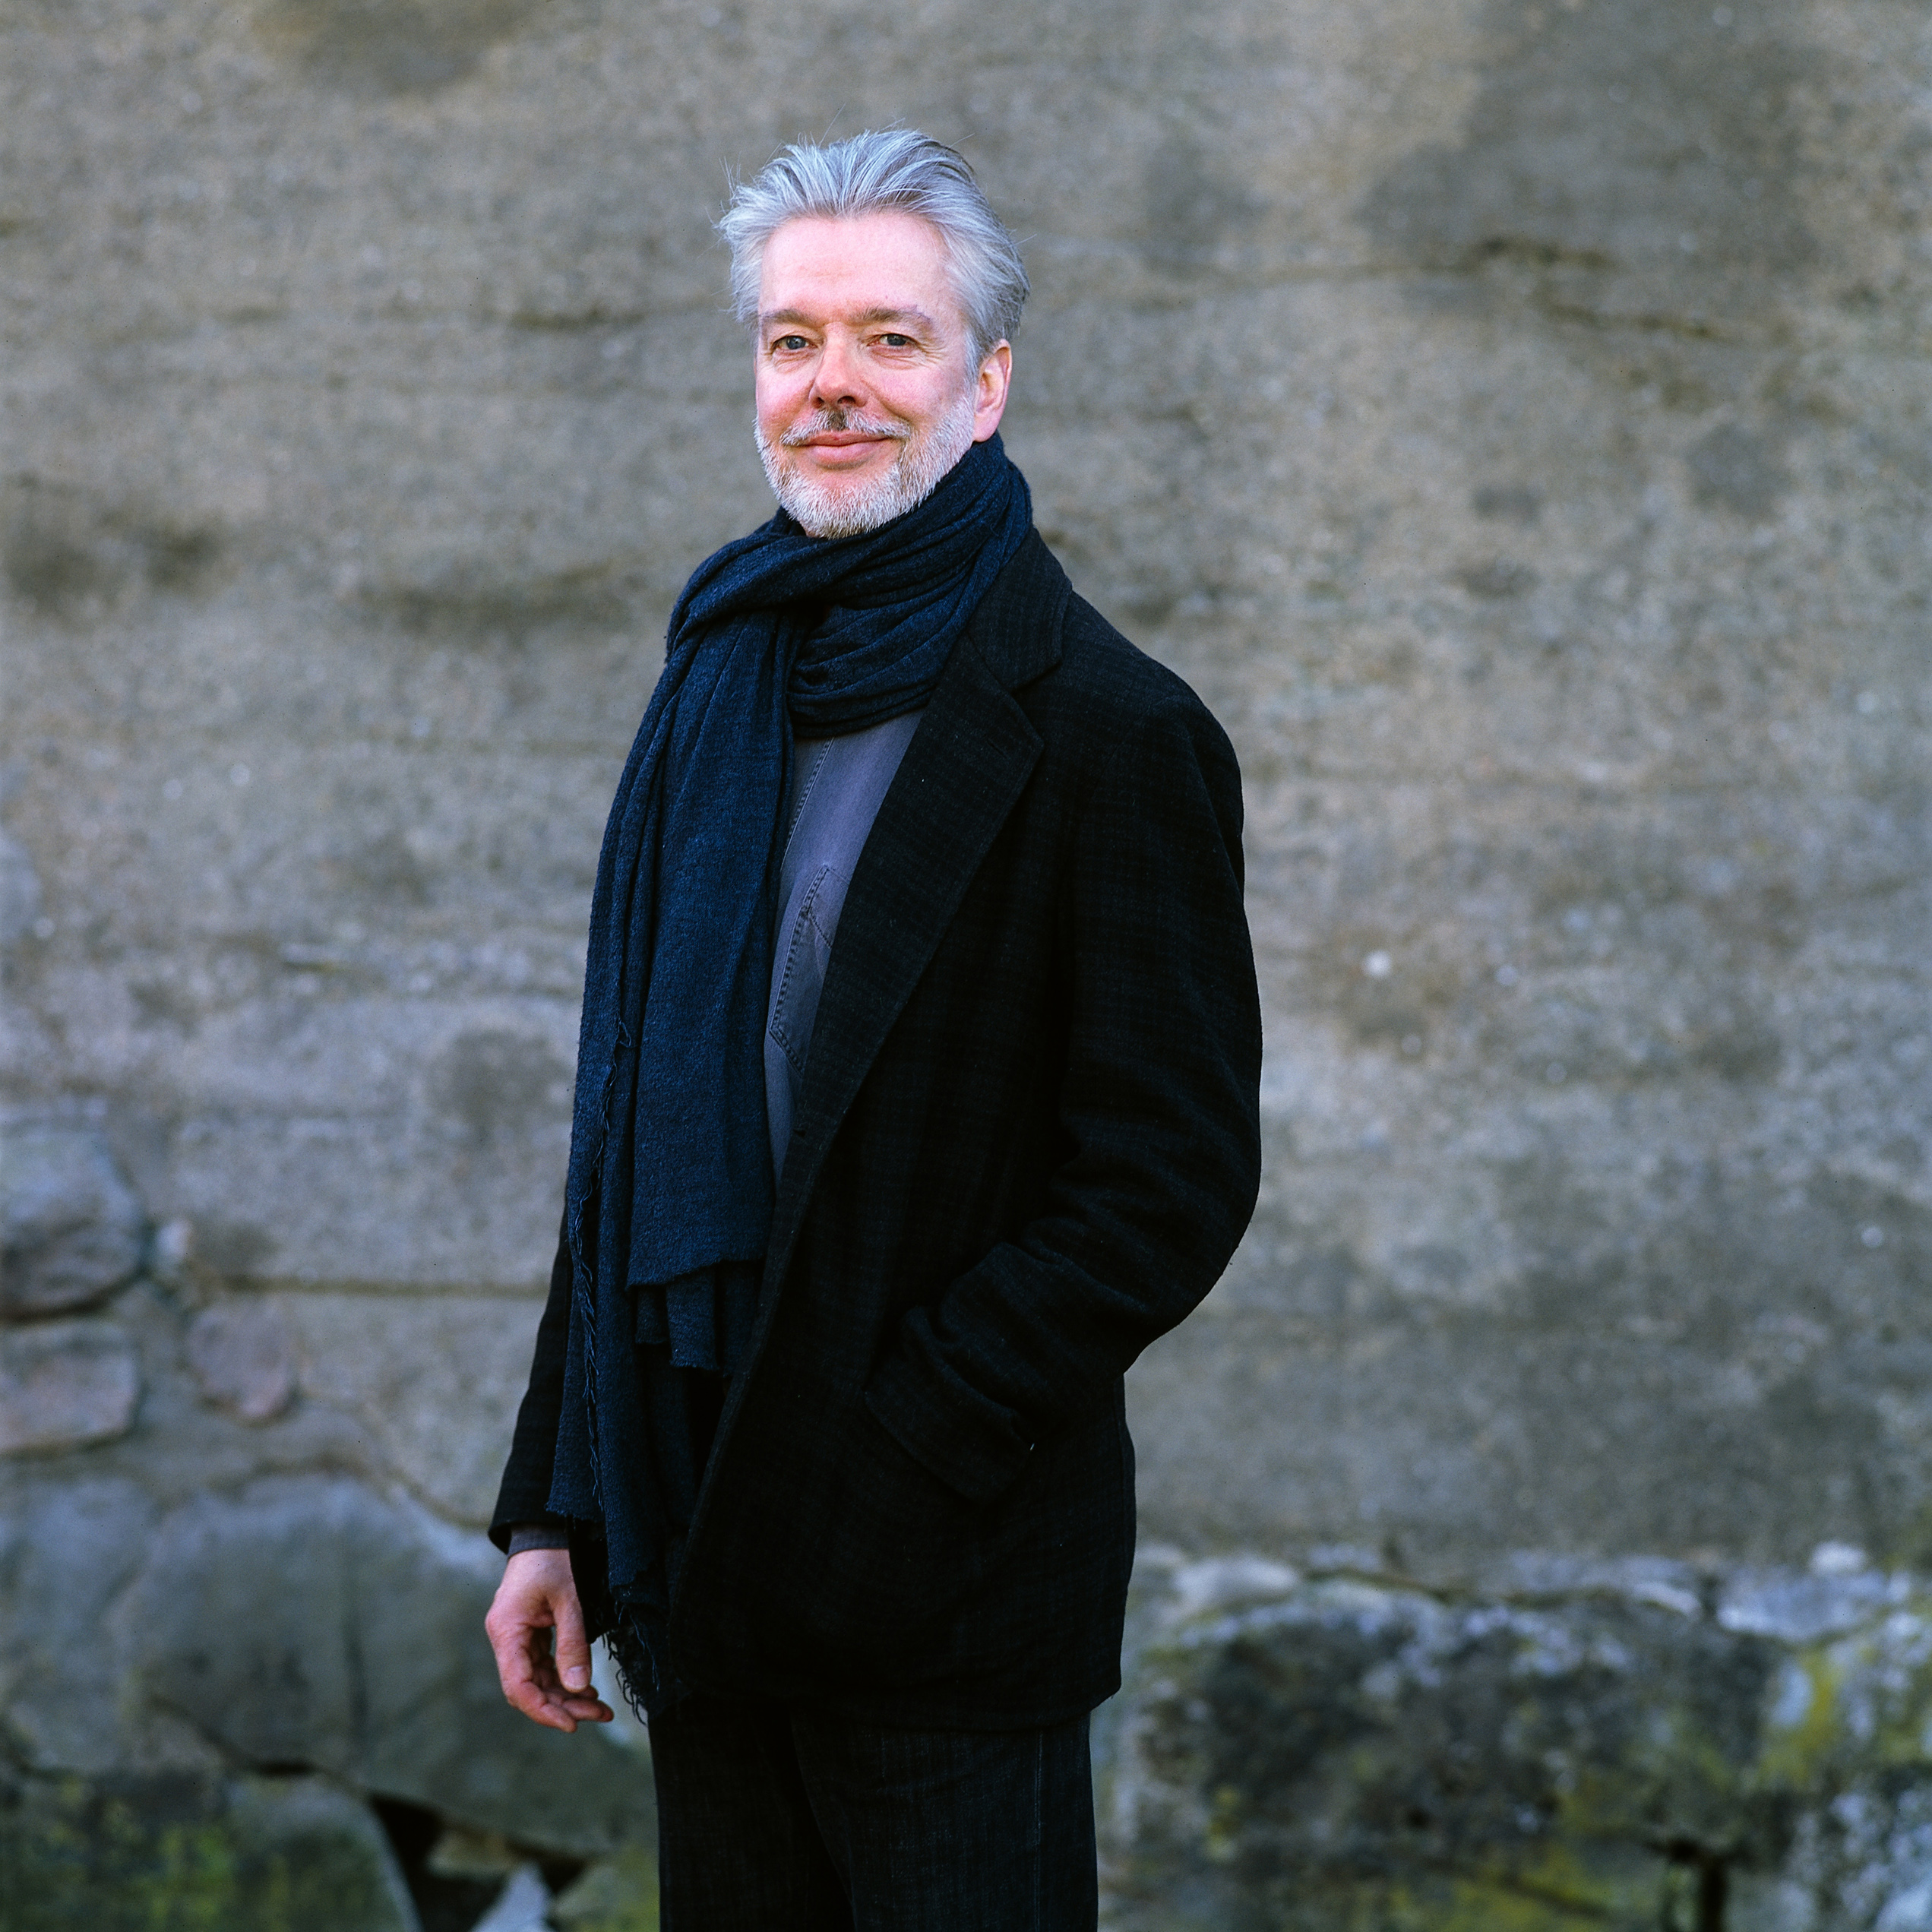 Jukka-Pekka Saraste © Marius Hauge